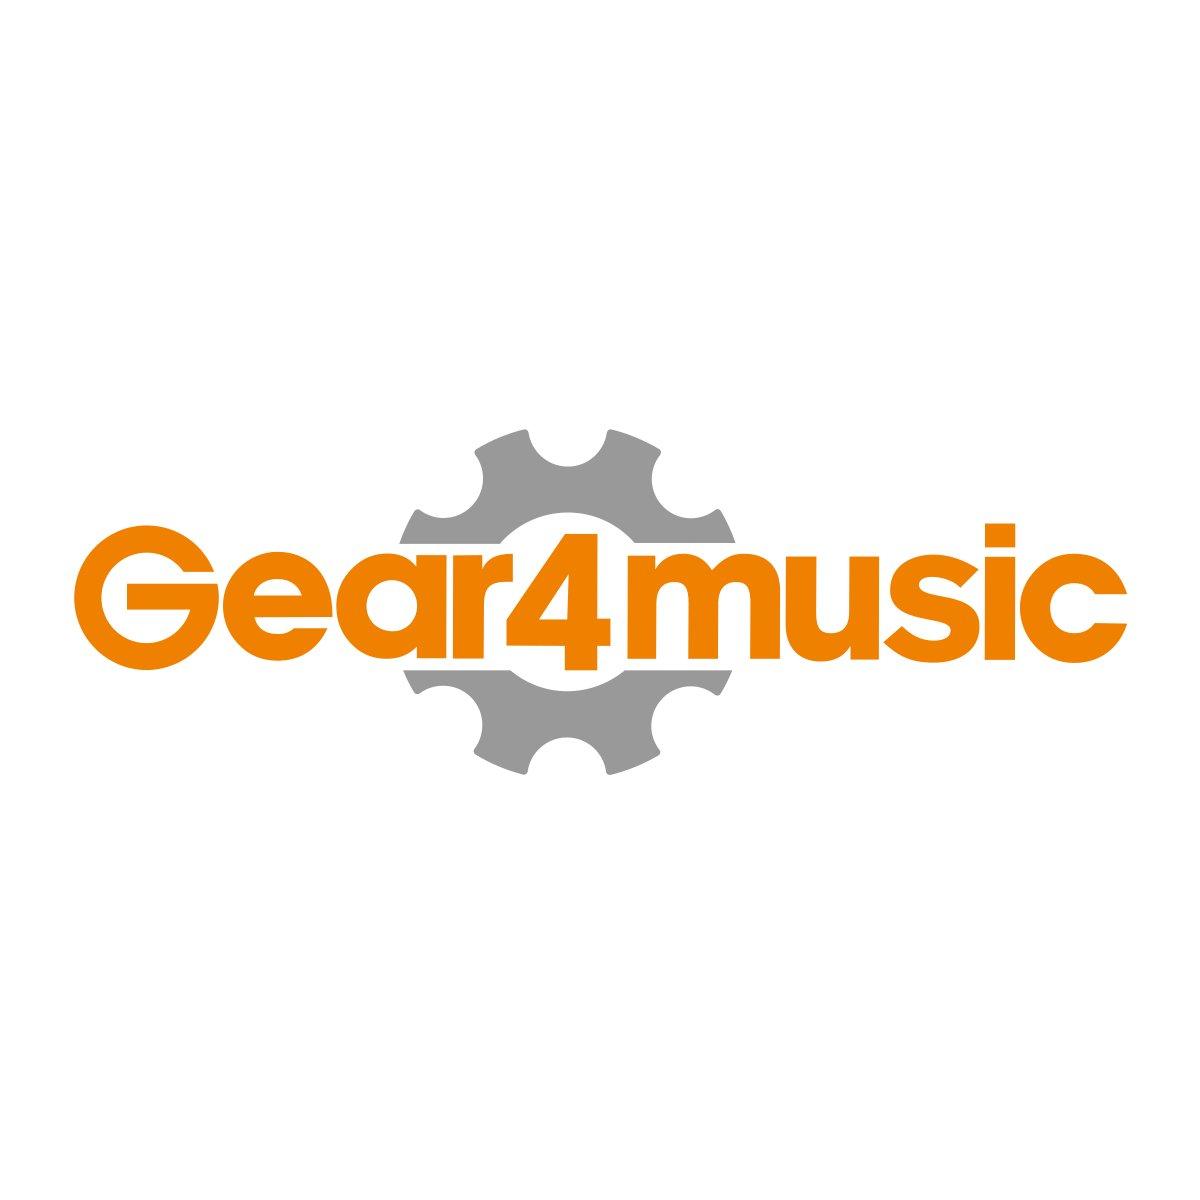 Student Tenor Trombone in Bb by Gear4music